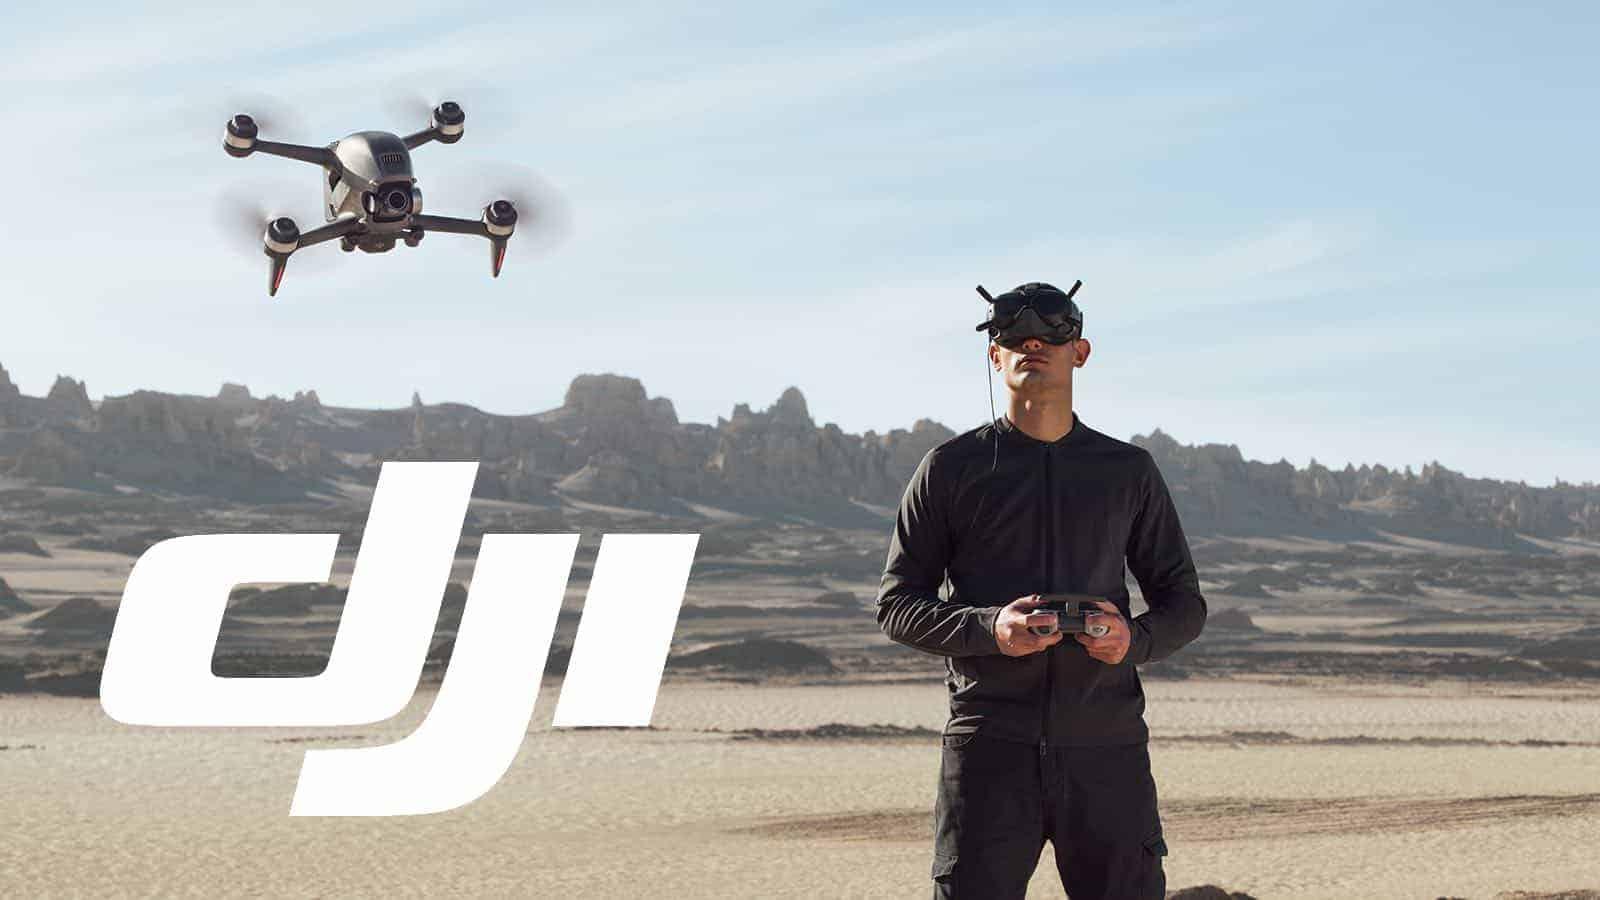 DJI lanza el FPV, su primer drone con gafas y control joystick